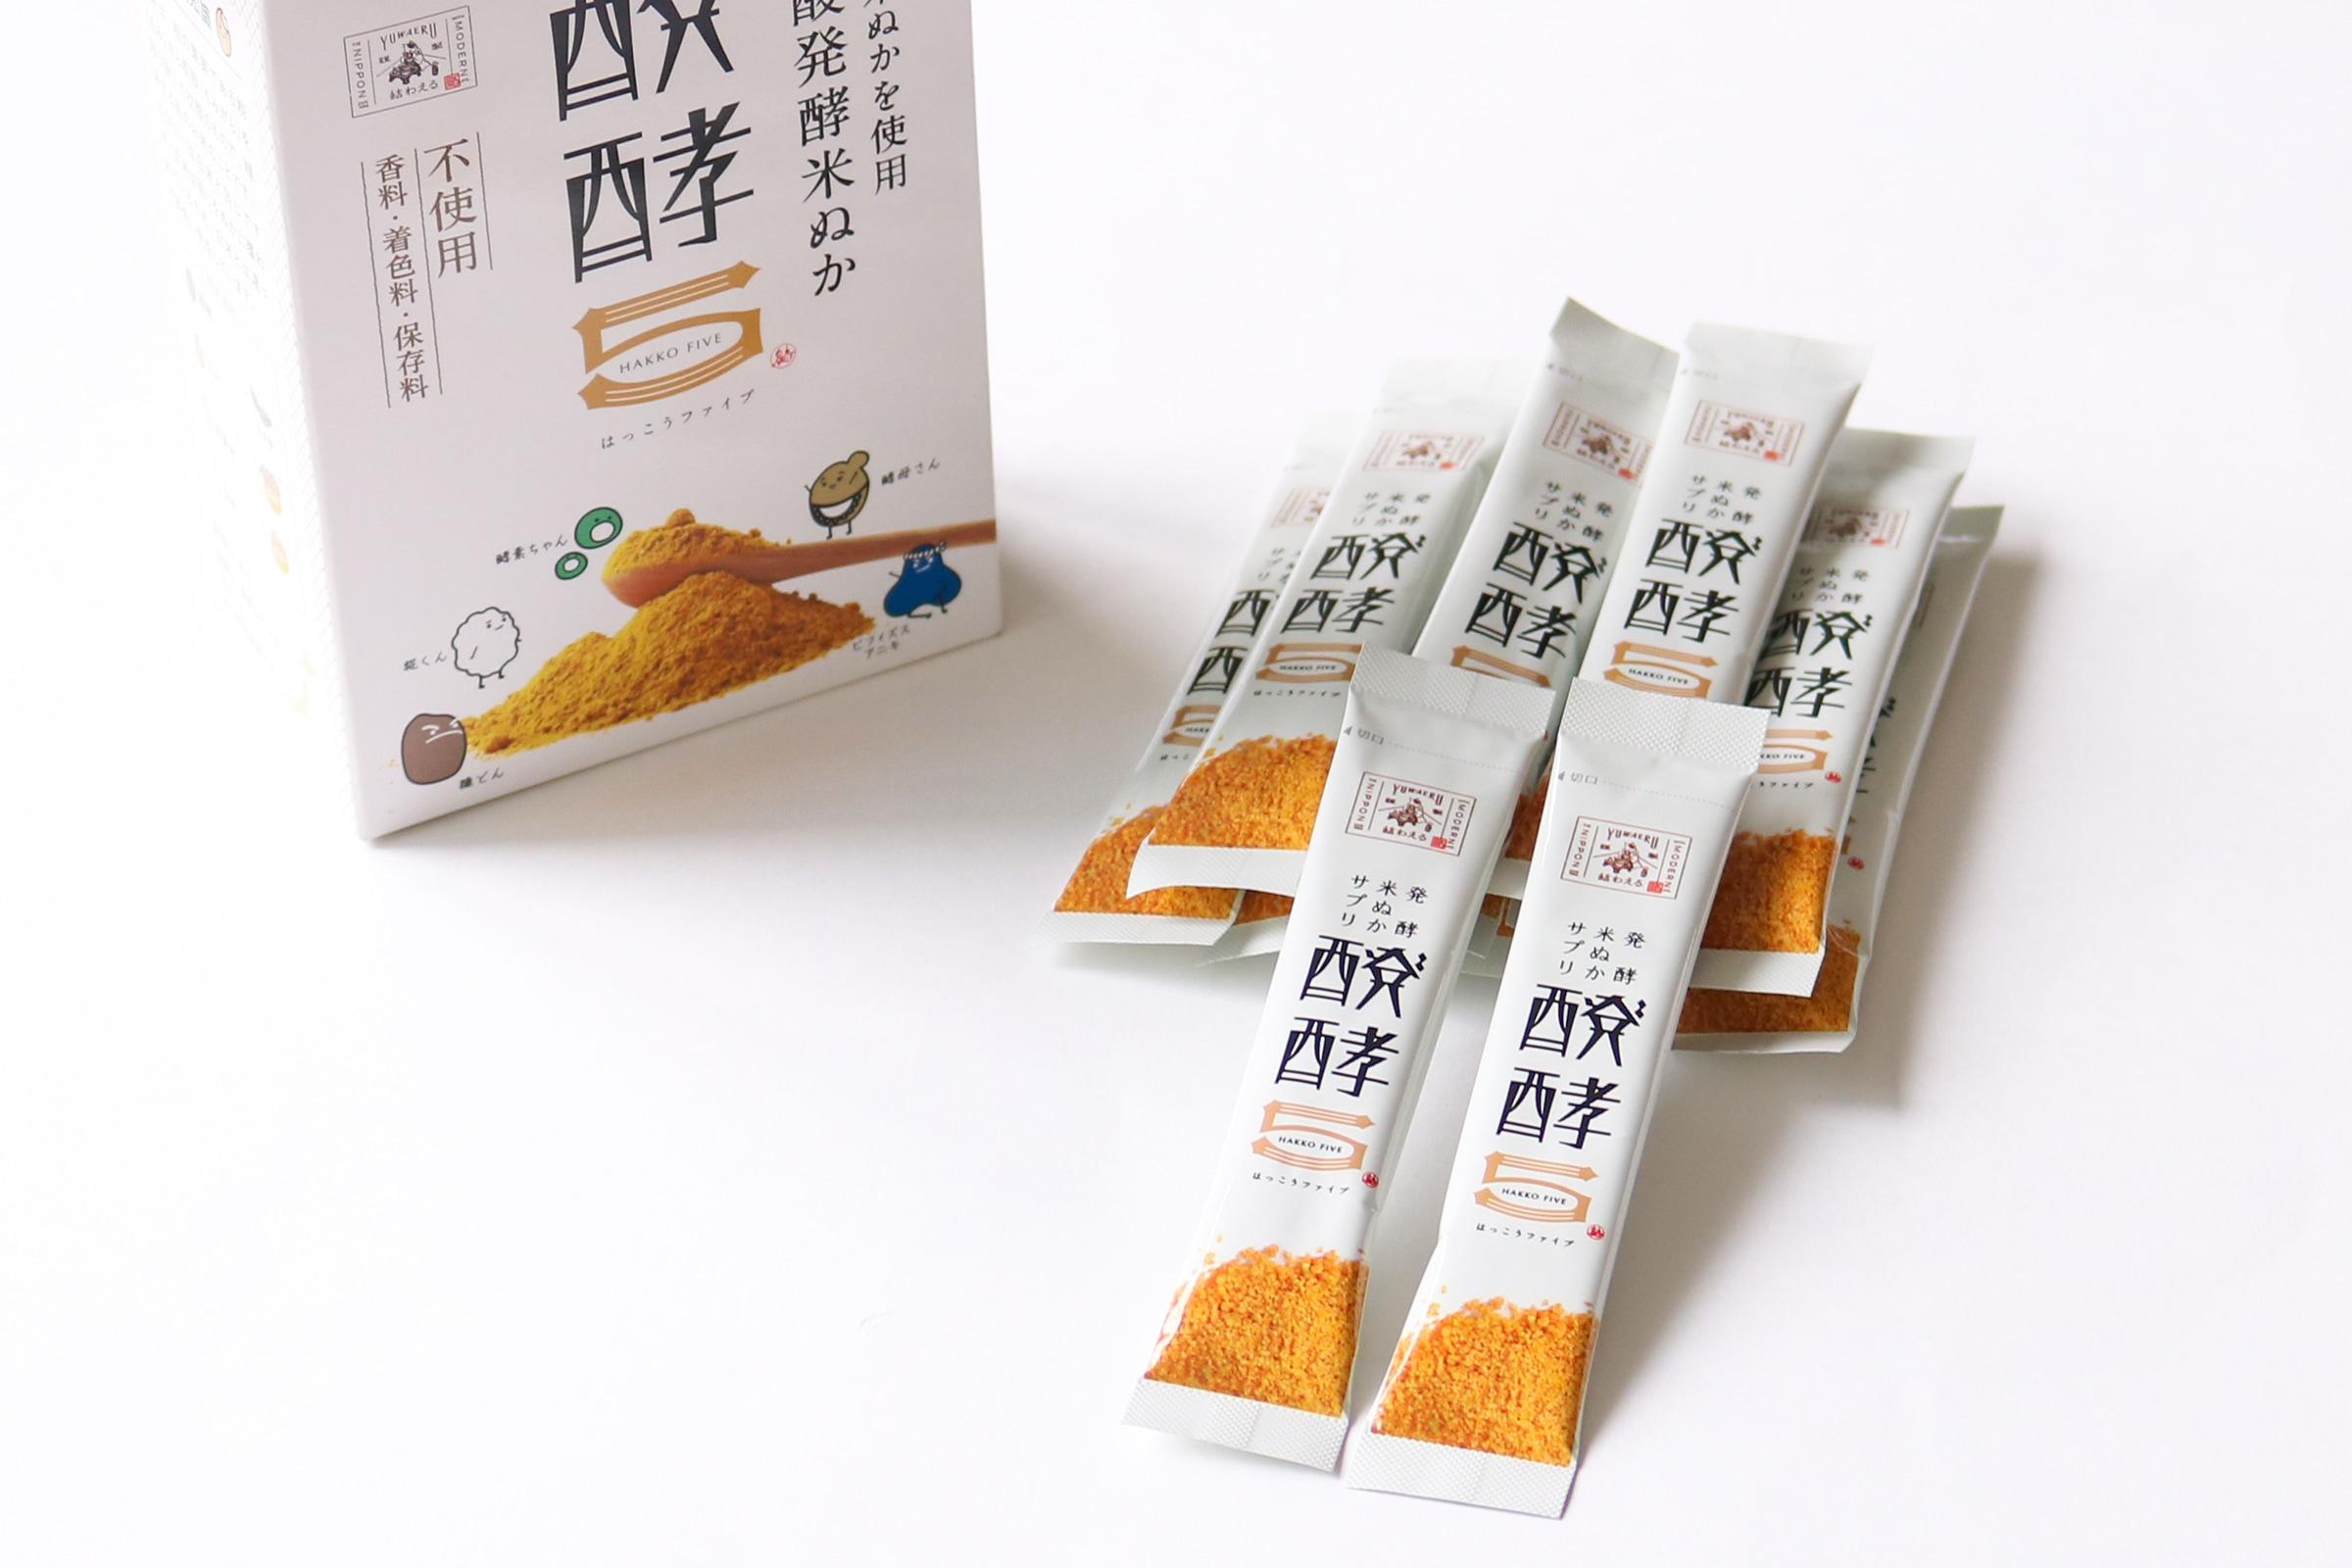 """毎日続けたい米ぬか習慣!<br class=""""br-sp"""">乳酸発酵米ぬか"""